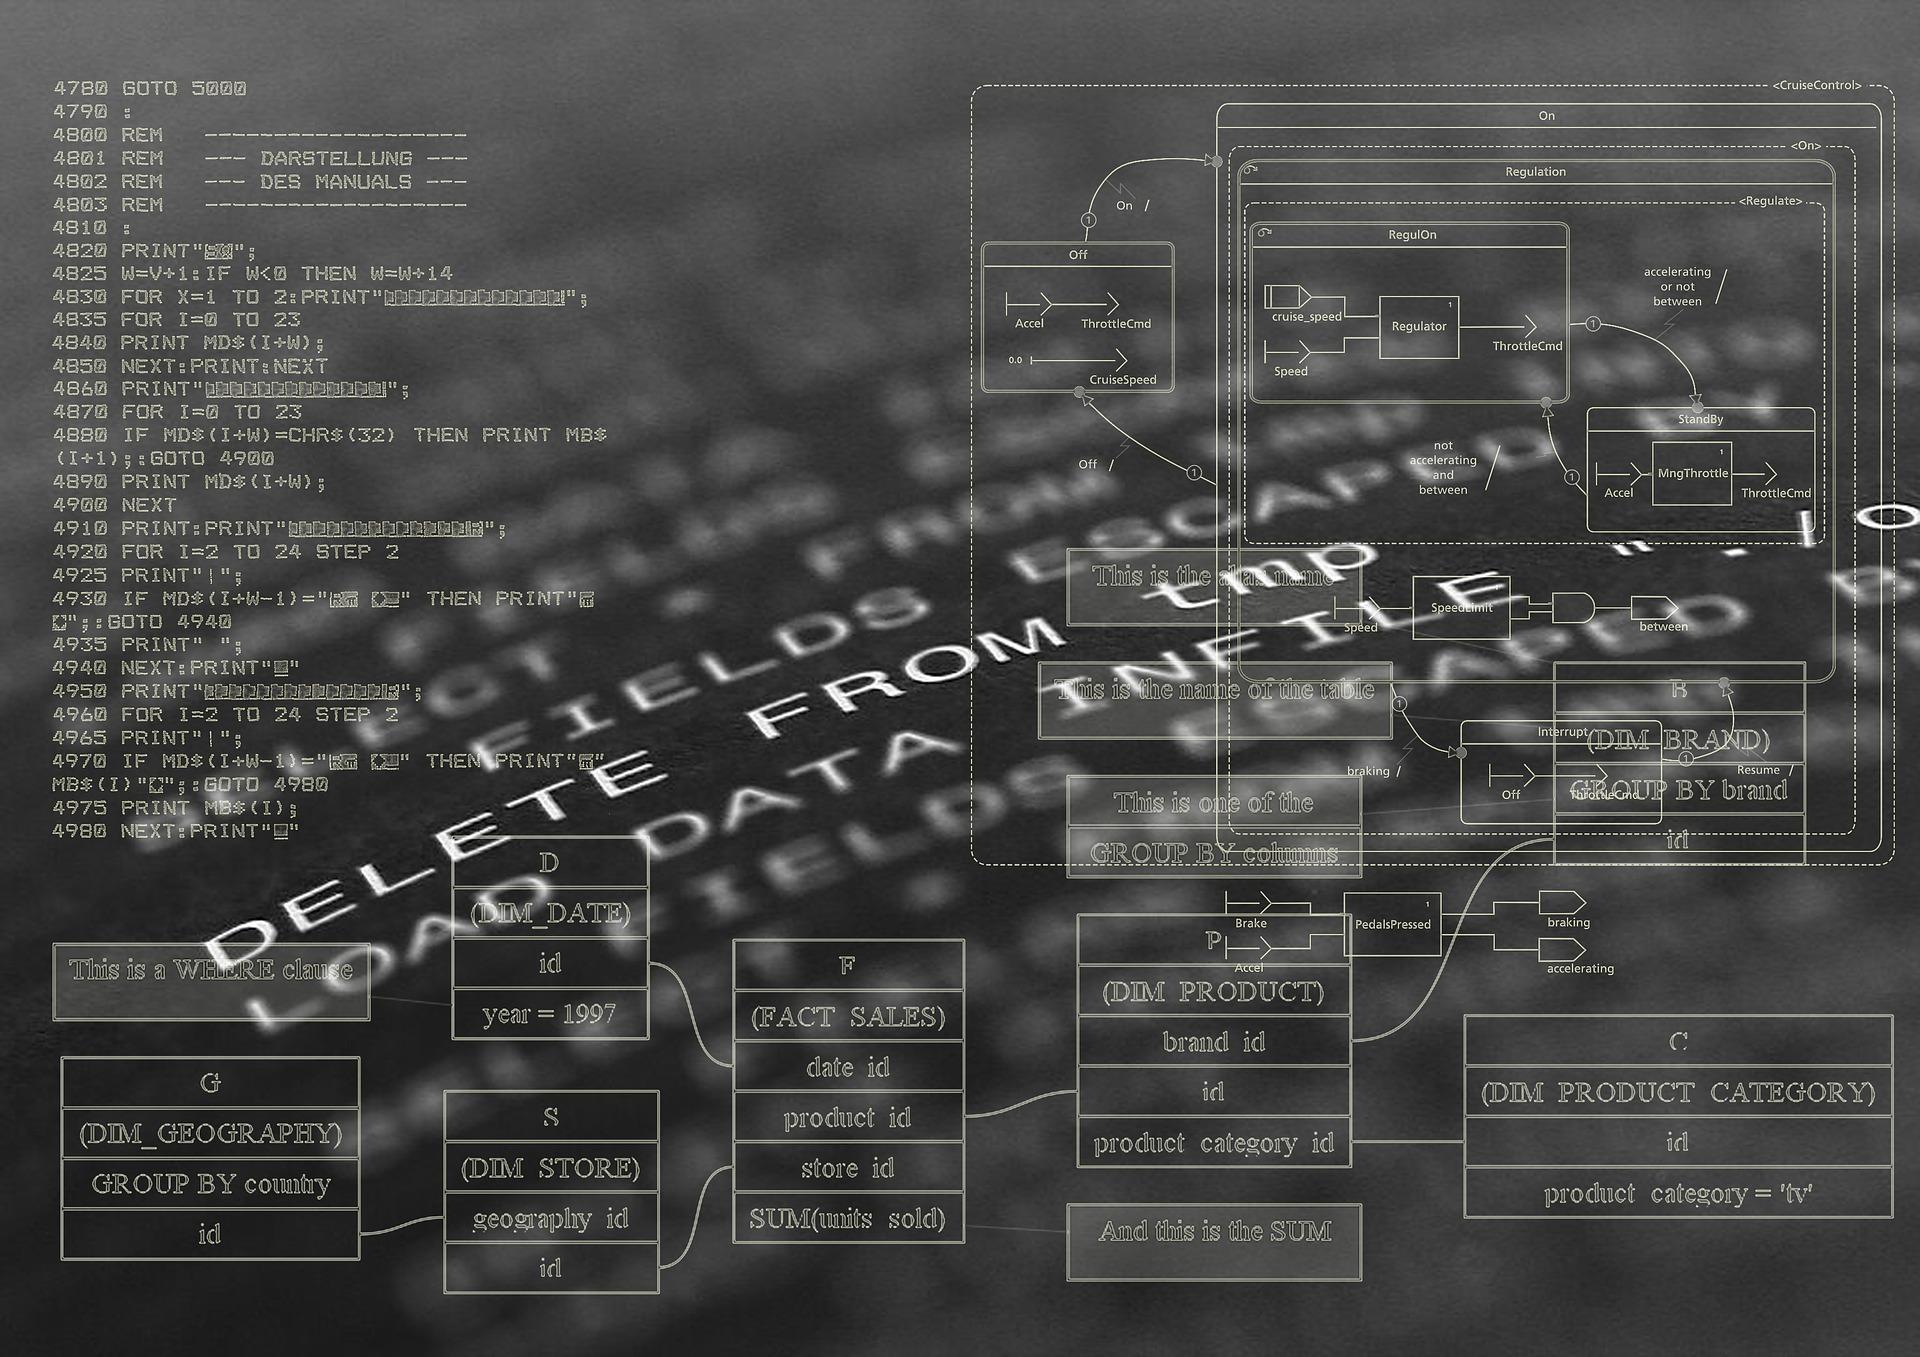 Inwestycje dokonywane przez komputer? To możliwe. Wymogi organizacyjne dla handlu algorytmicznego.